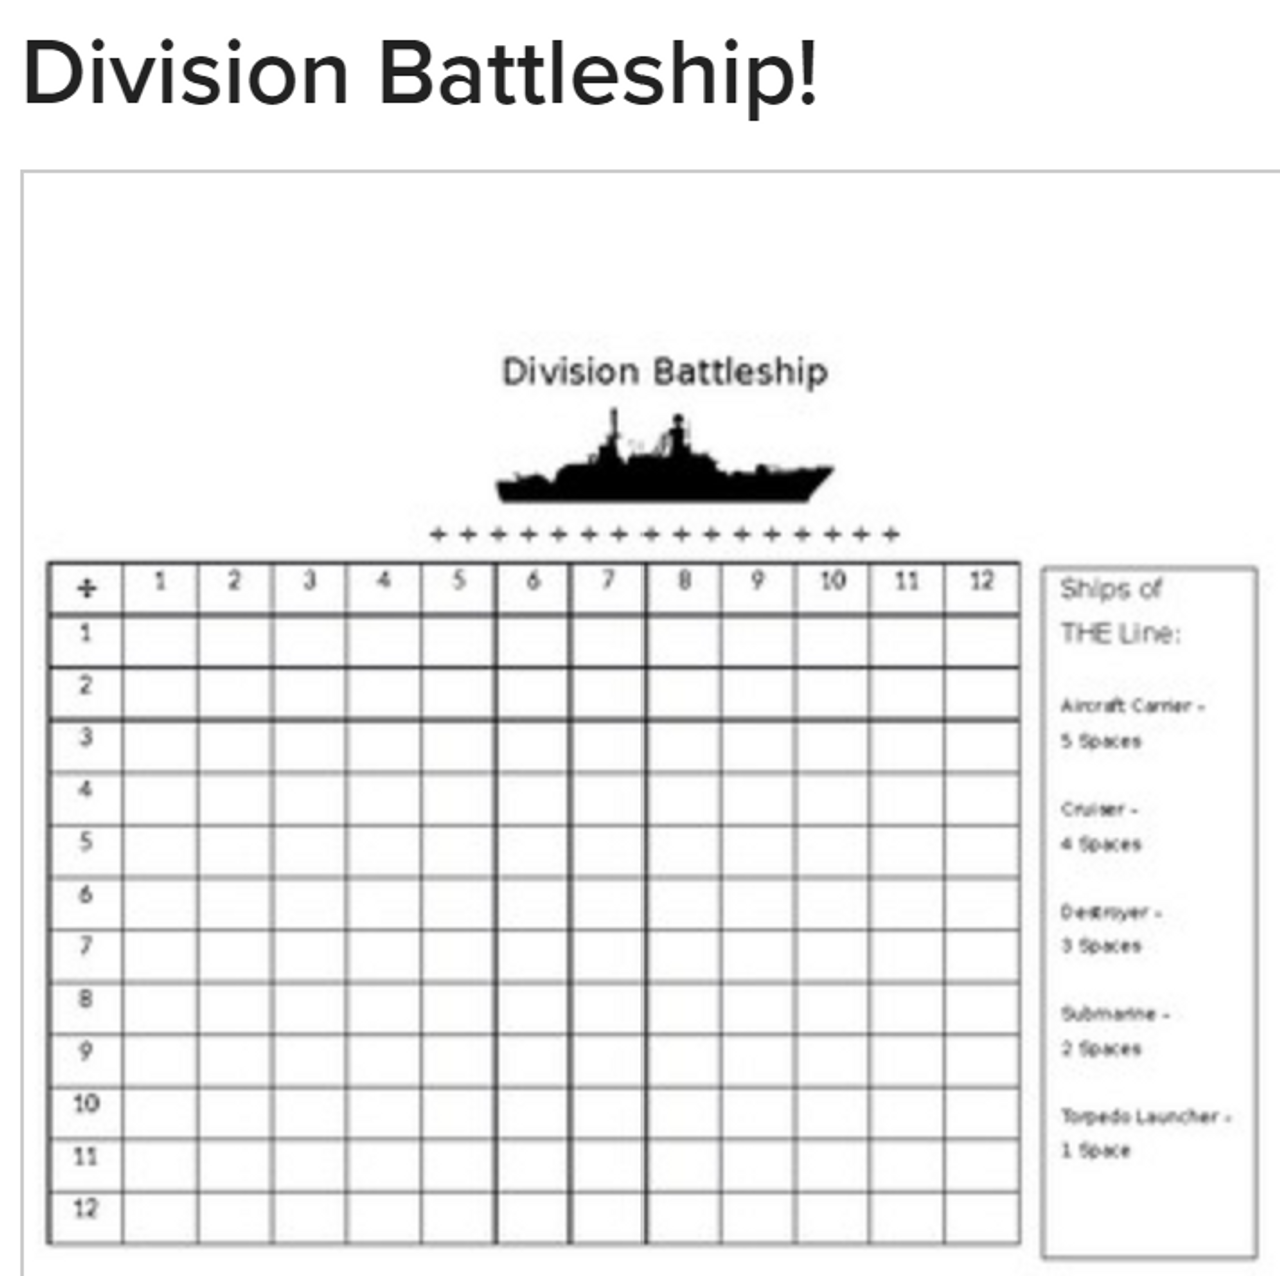 Division Battleship